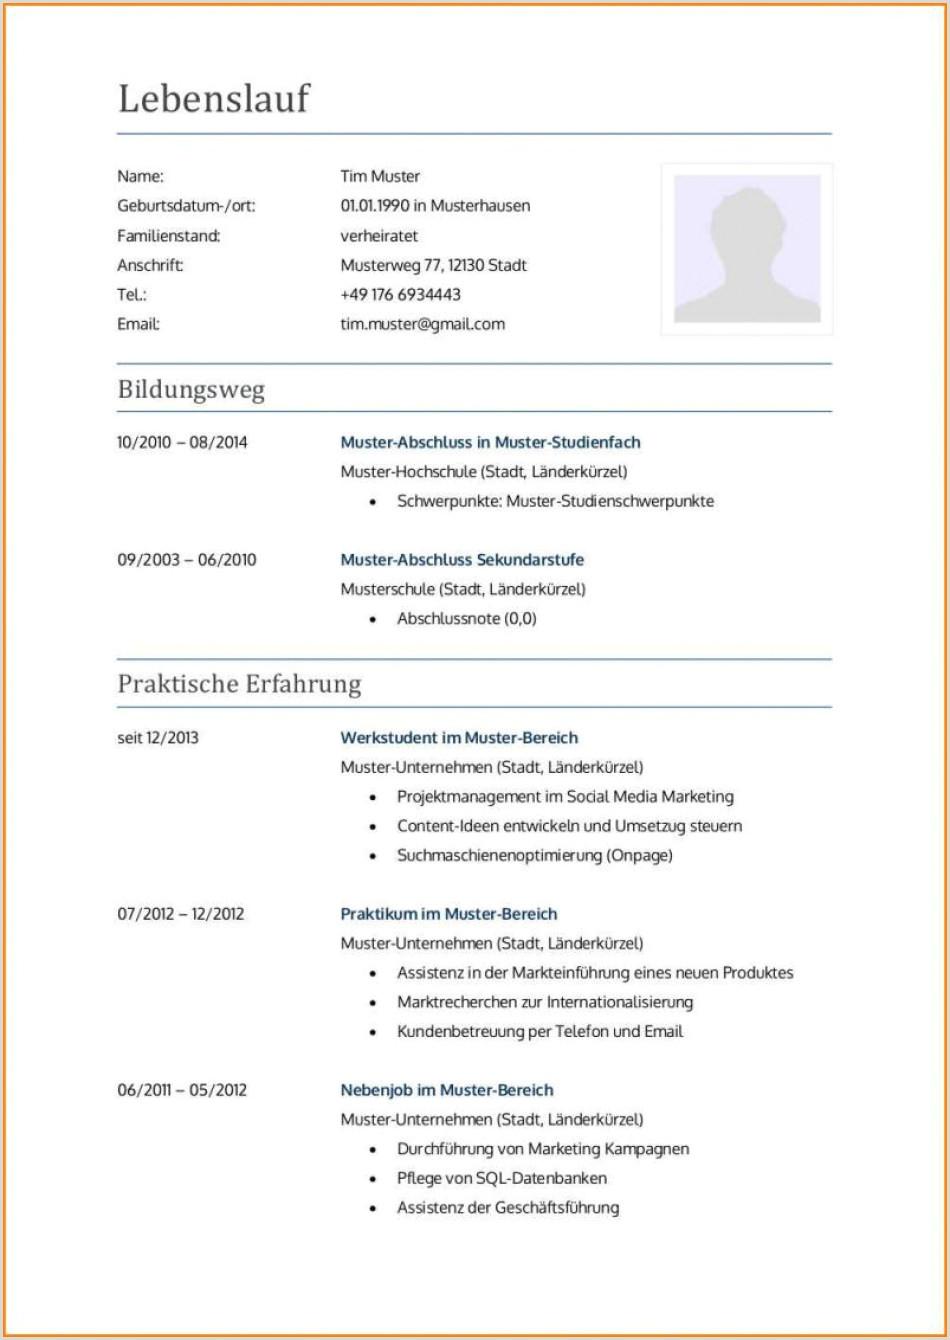 Lebenslauf Muster Zahnmedizinische Fachangestellte 11 Lebenslauf Bewerbung Ausbildung